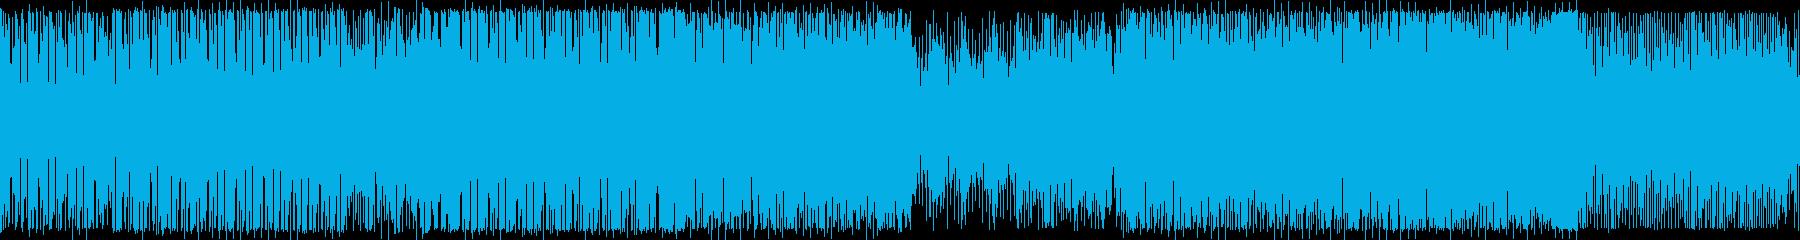 BPM140:ワークアウト:ループ版の再生済みの波形